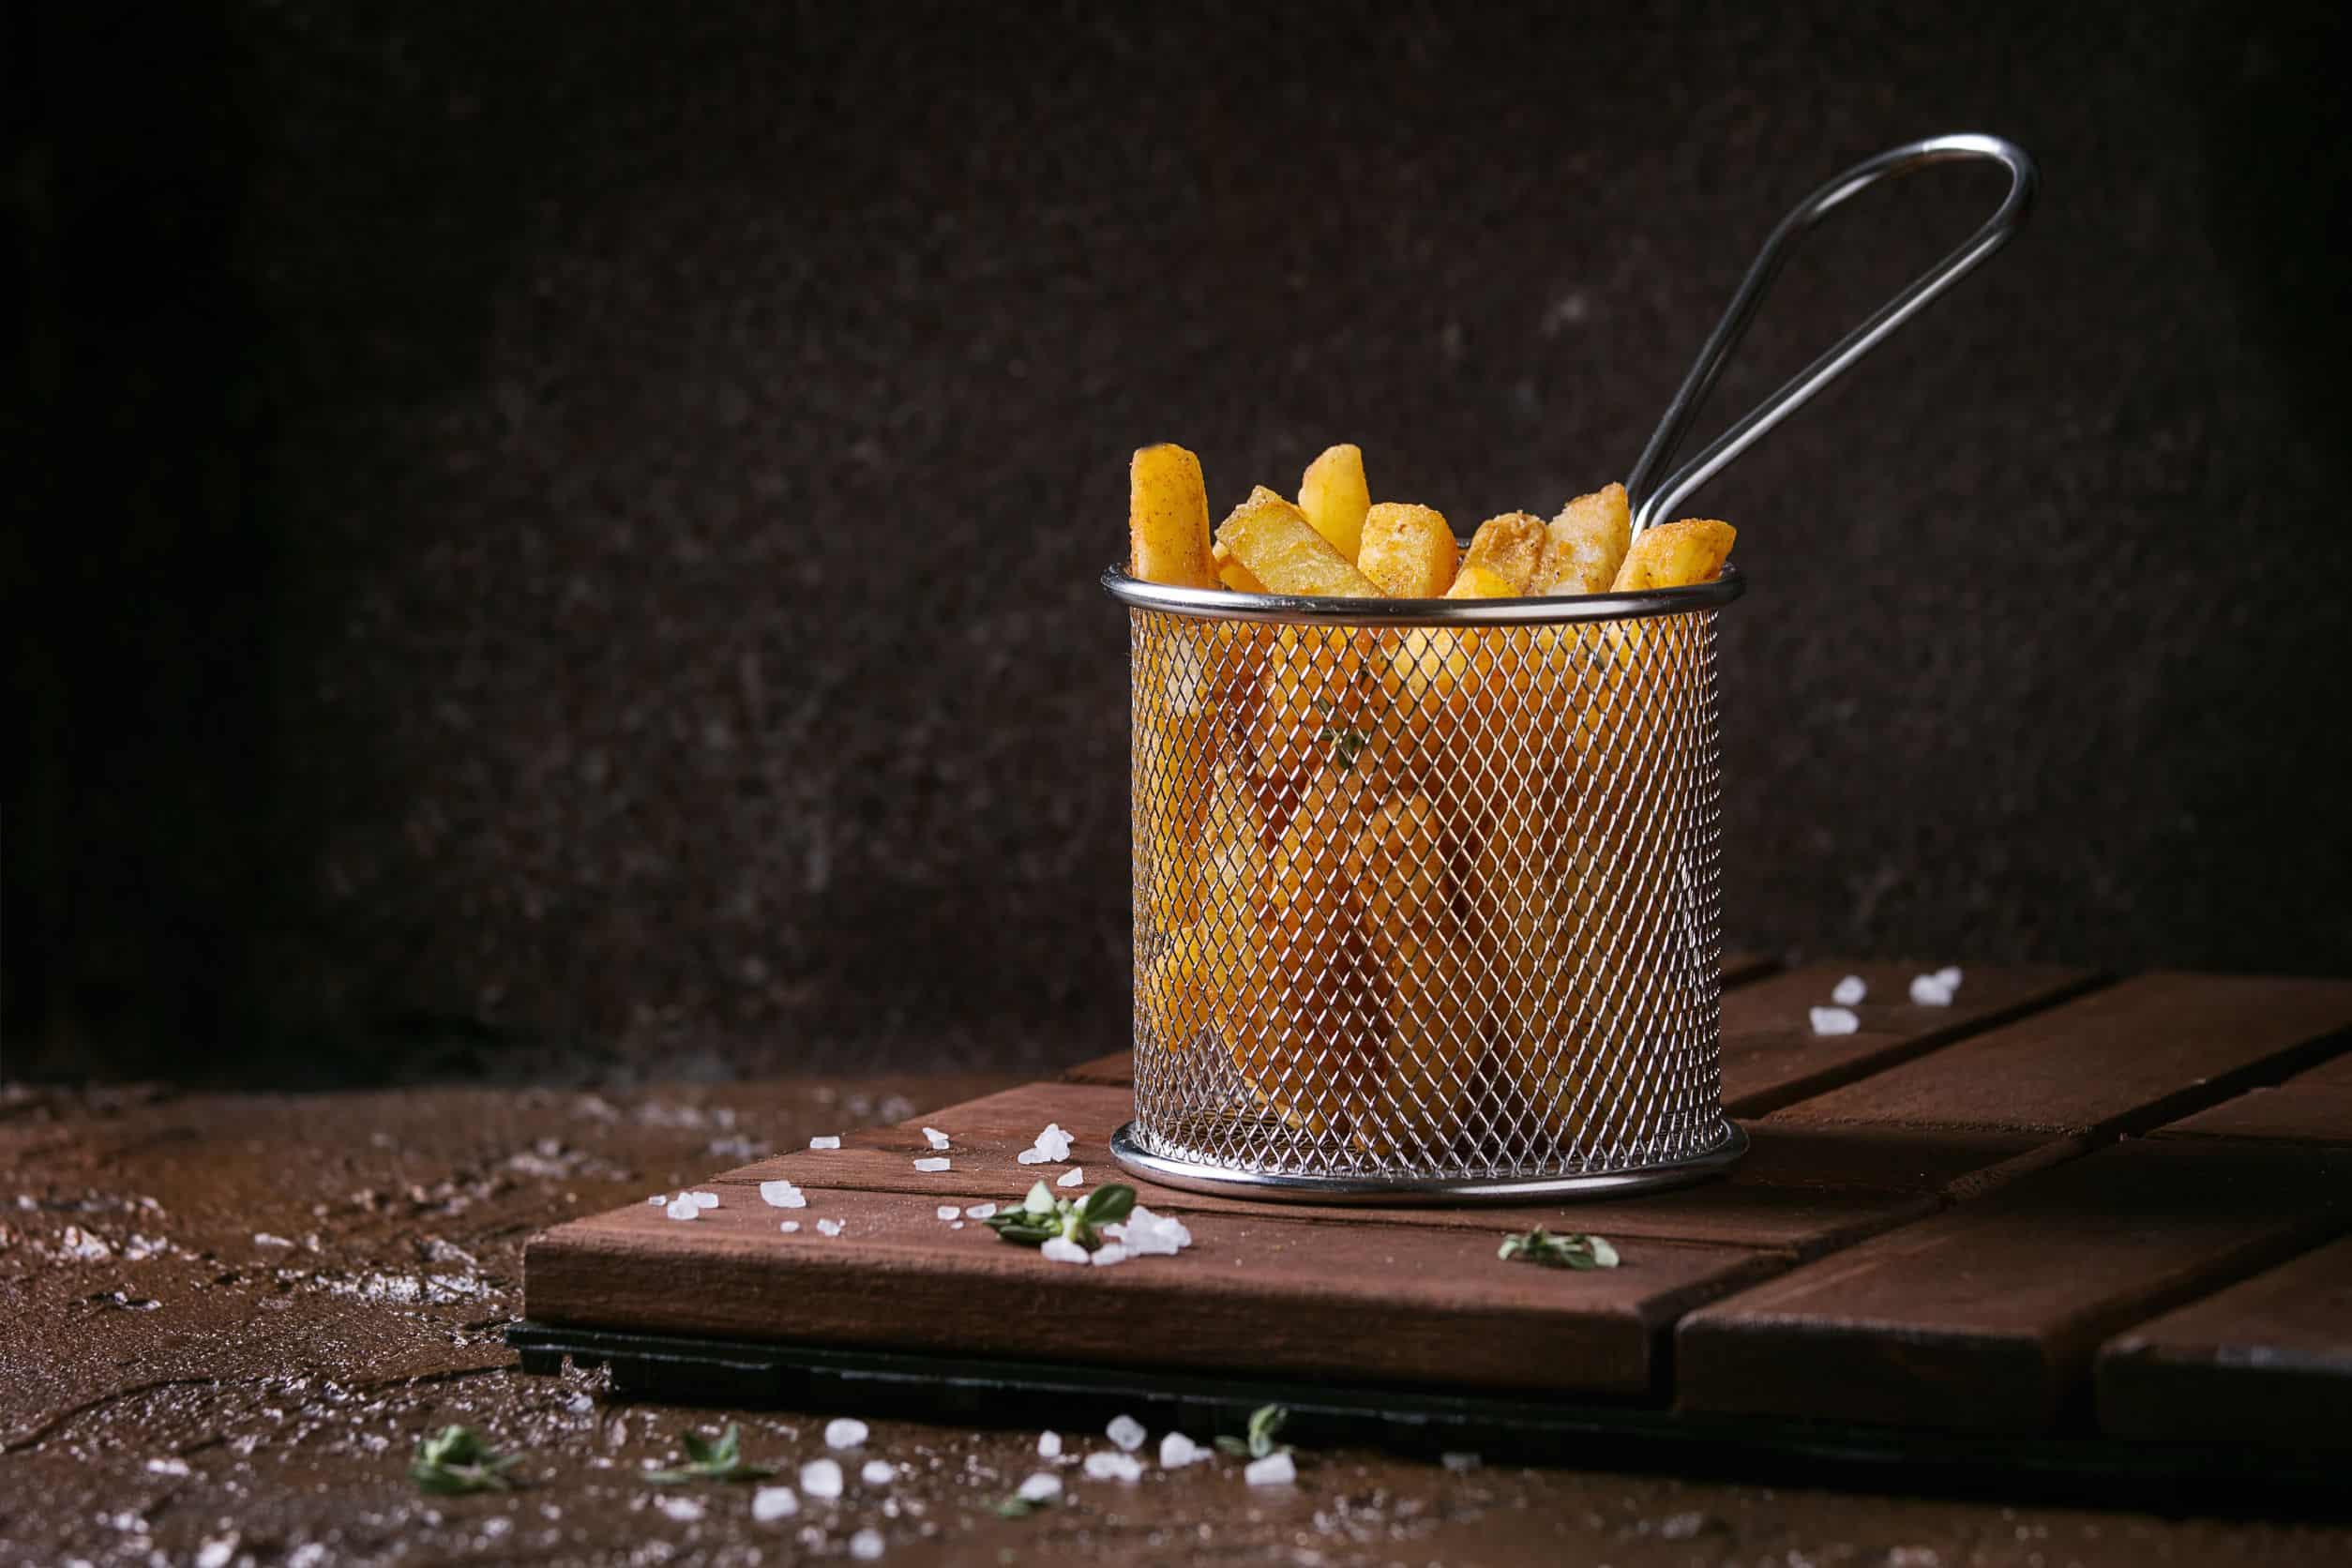 Gourmetmaxx Heißluft Fritteuse Test 2020: Die besten Heißluft Fritteusen im Vergleich